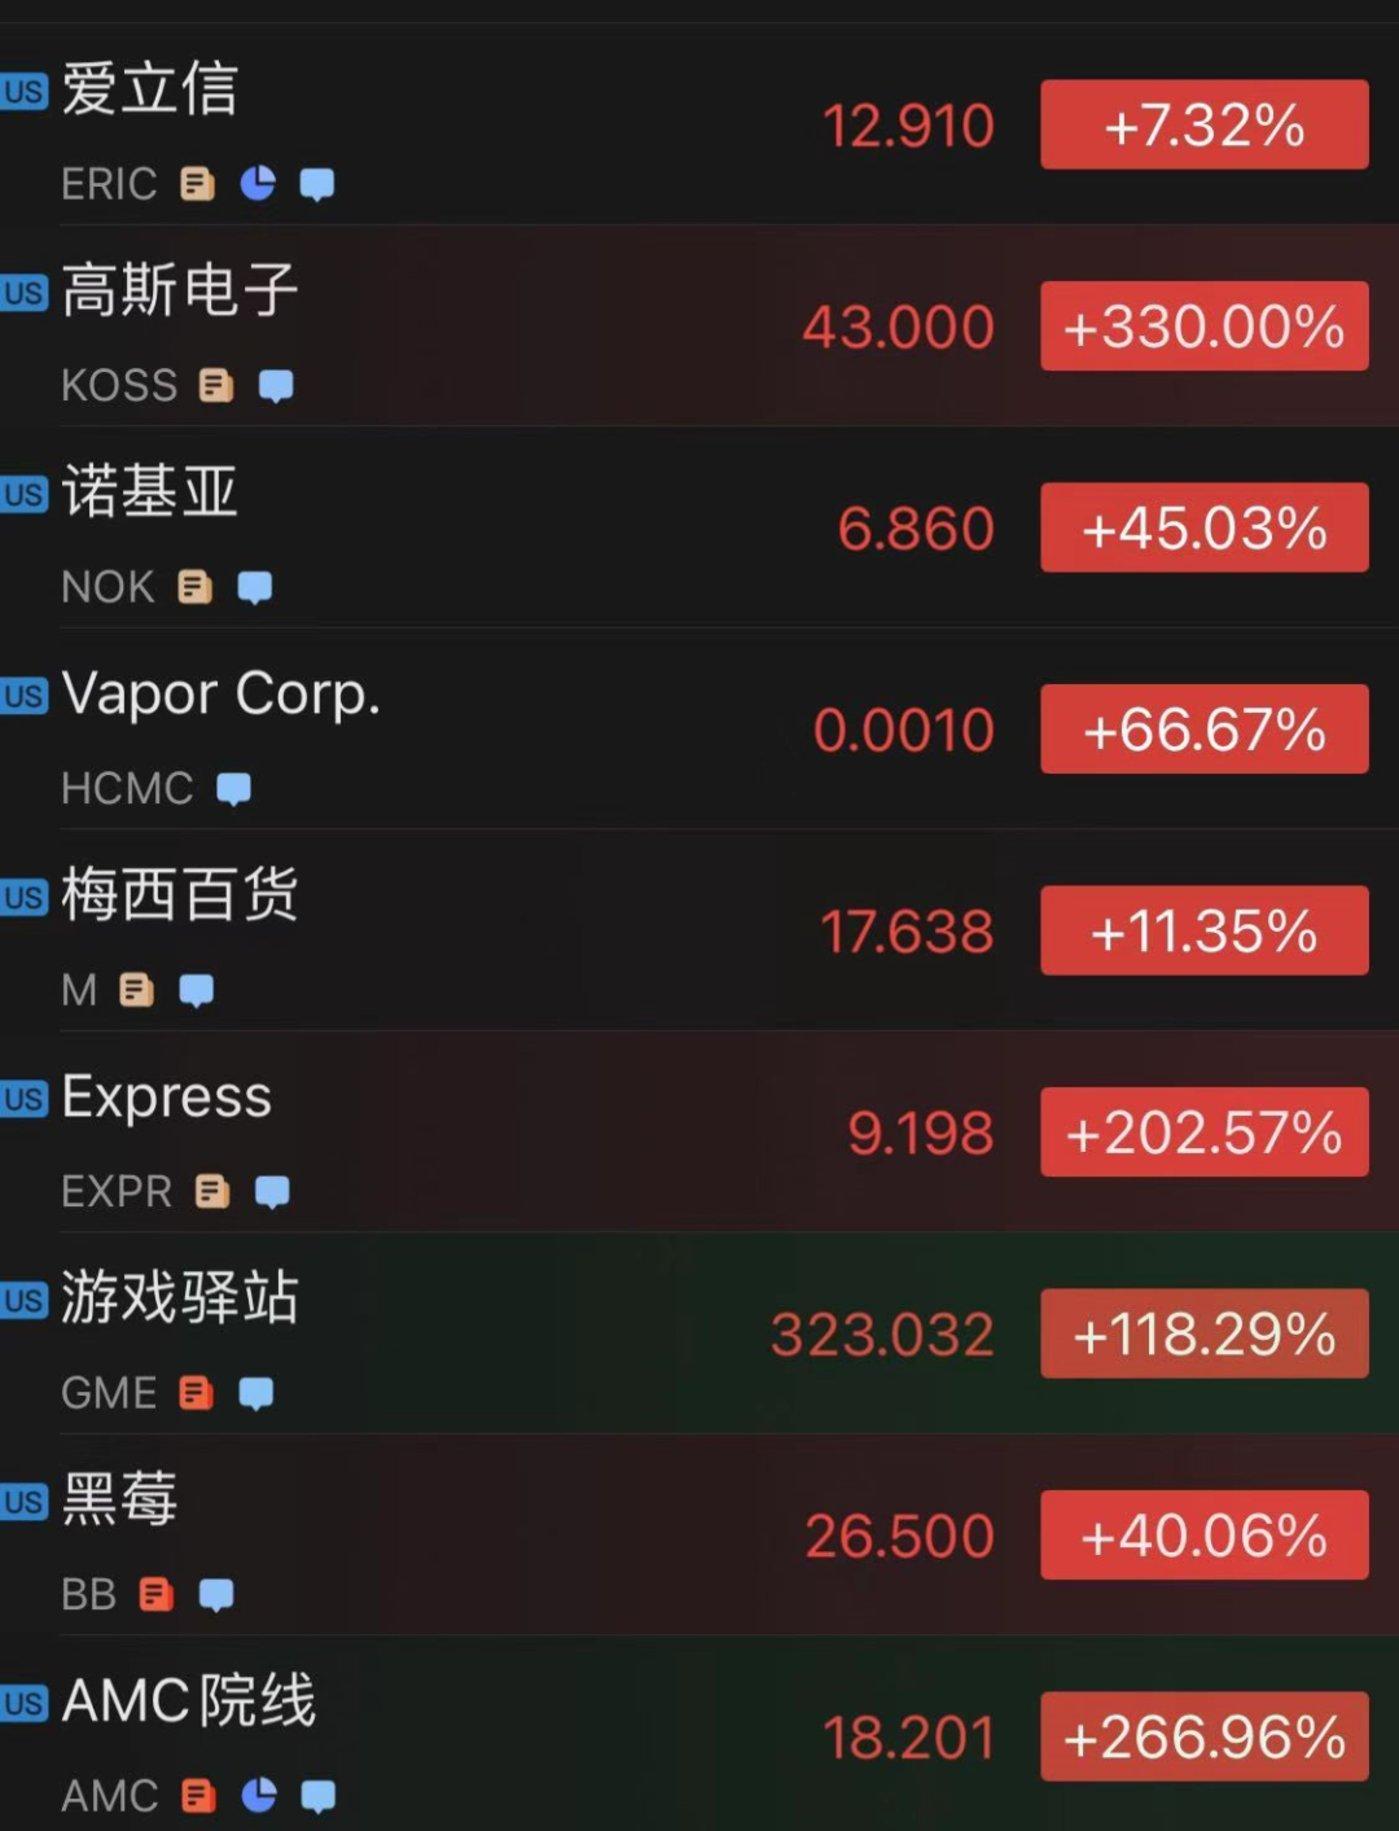 截至北京时间凌晨3:58